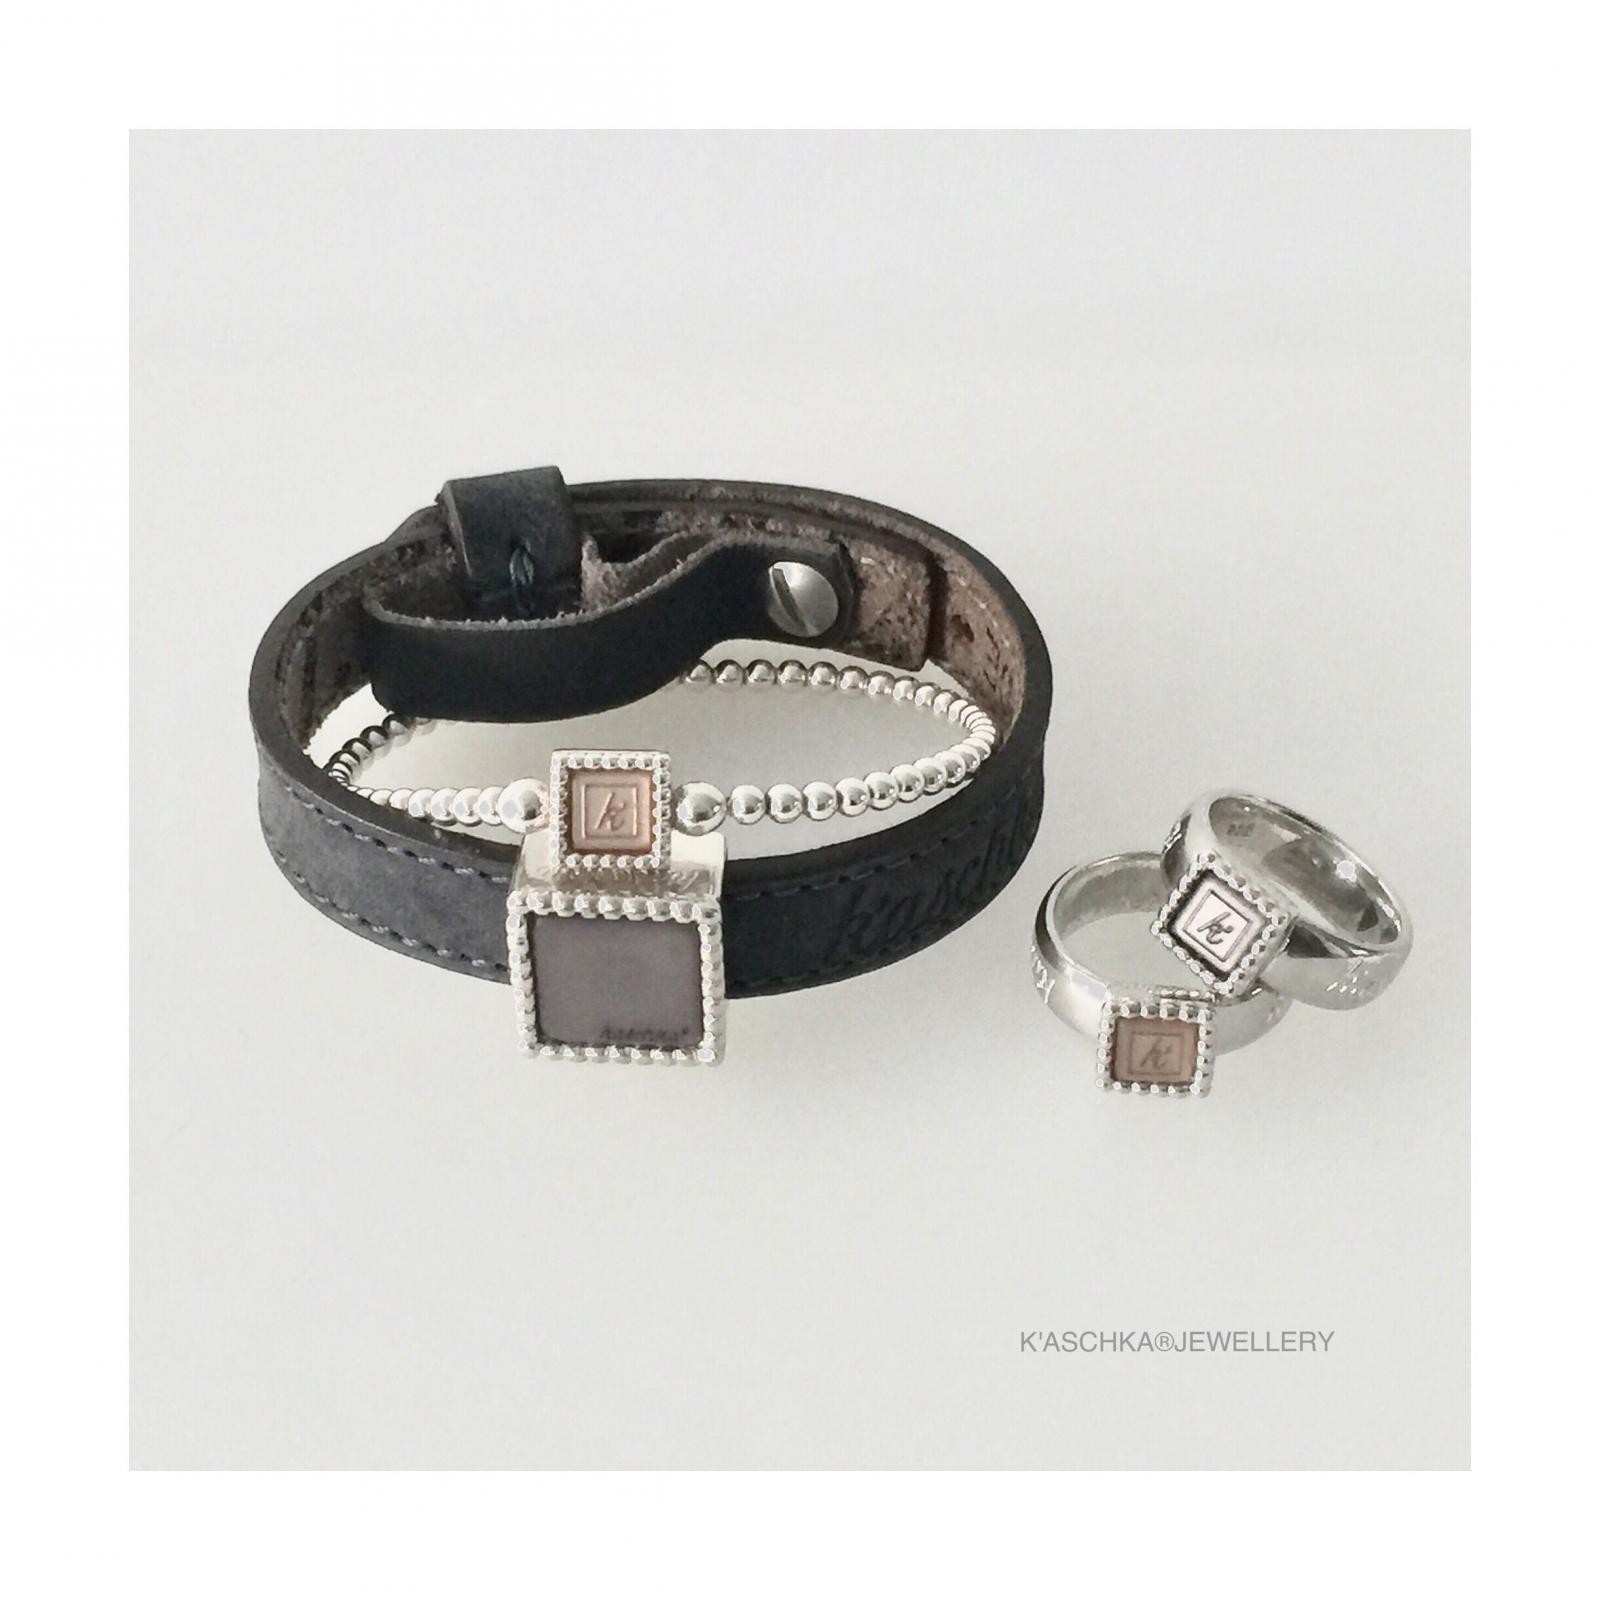 Leren armband de luxe 925 sterling zilveren vierkante schuiver Flexibele 925 sterling zilveren armband met vierkante kasminis 925 sterling zilveren vierkante kasminis ring